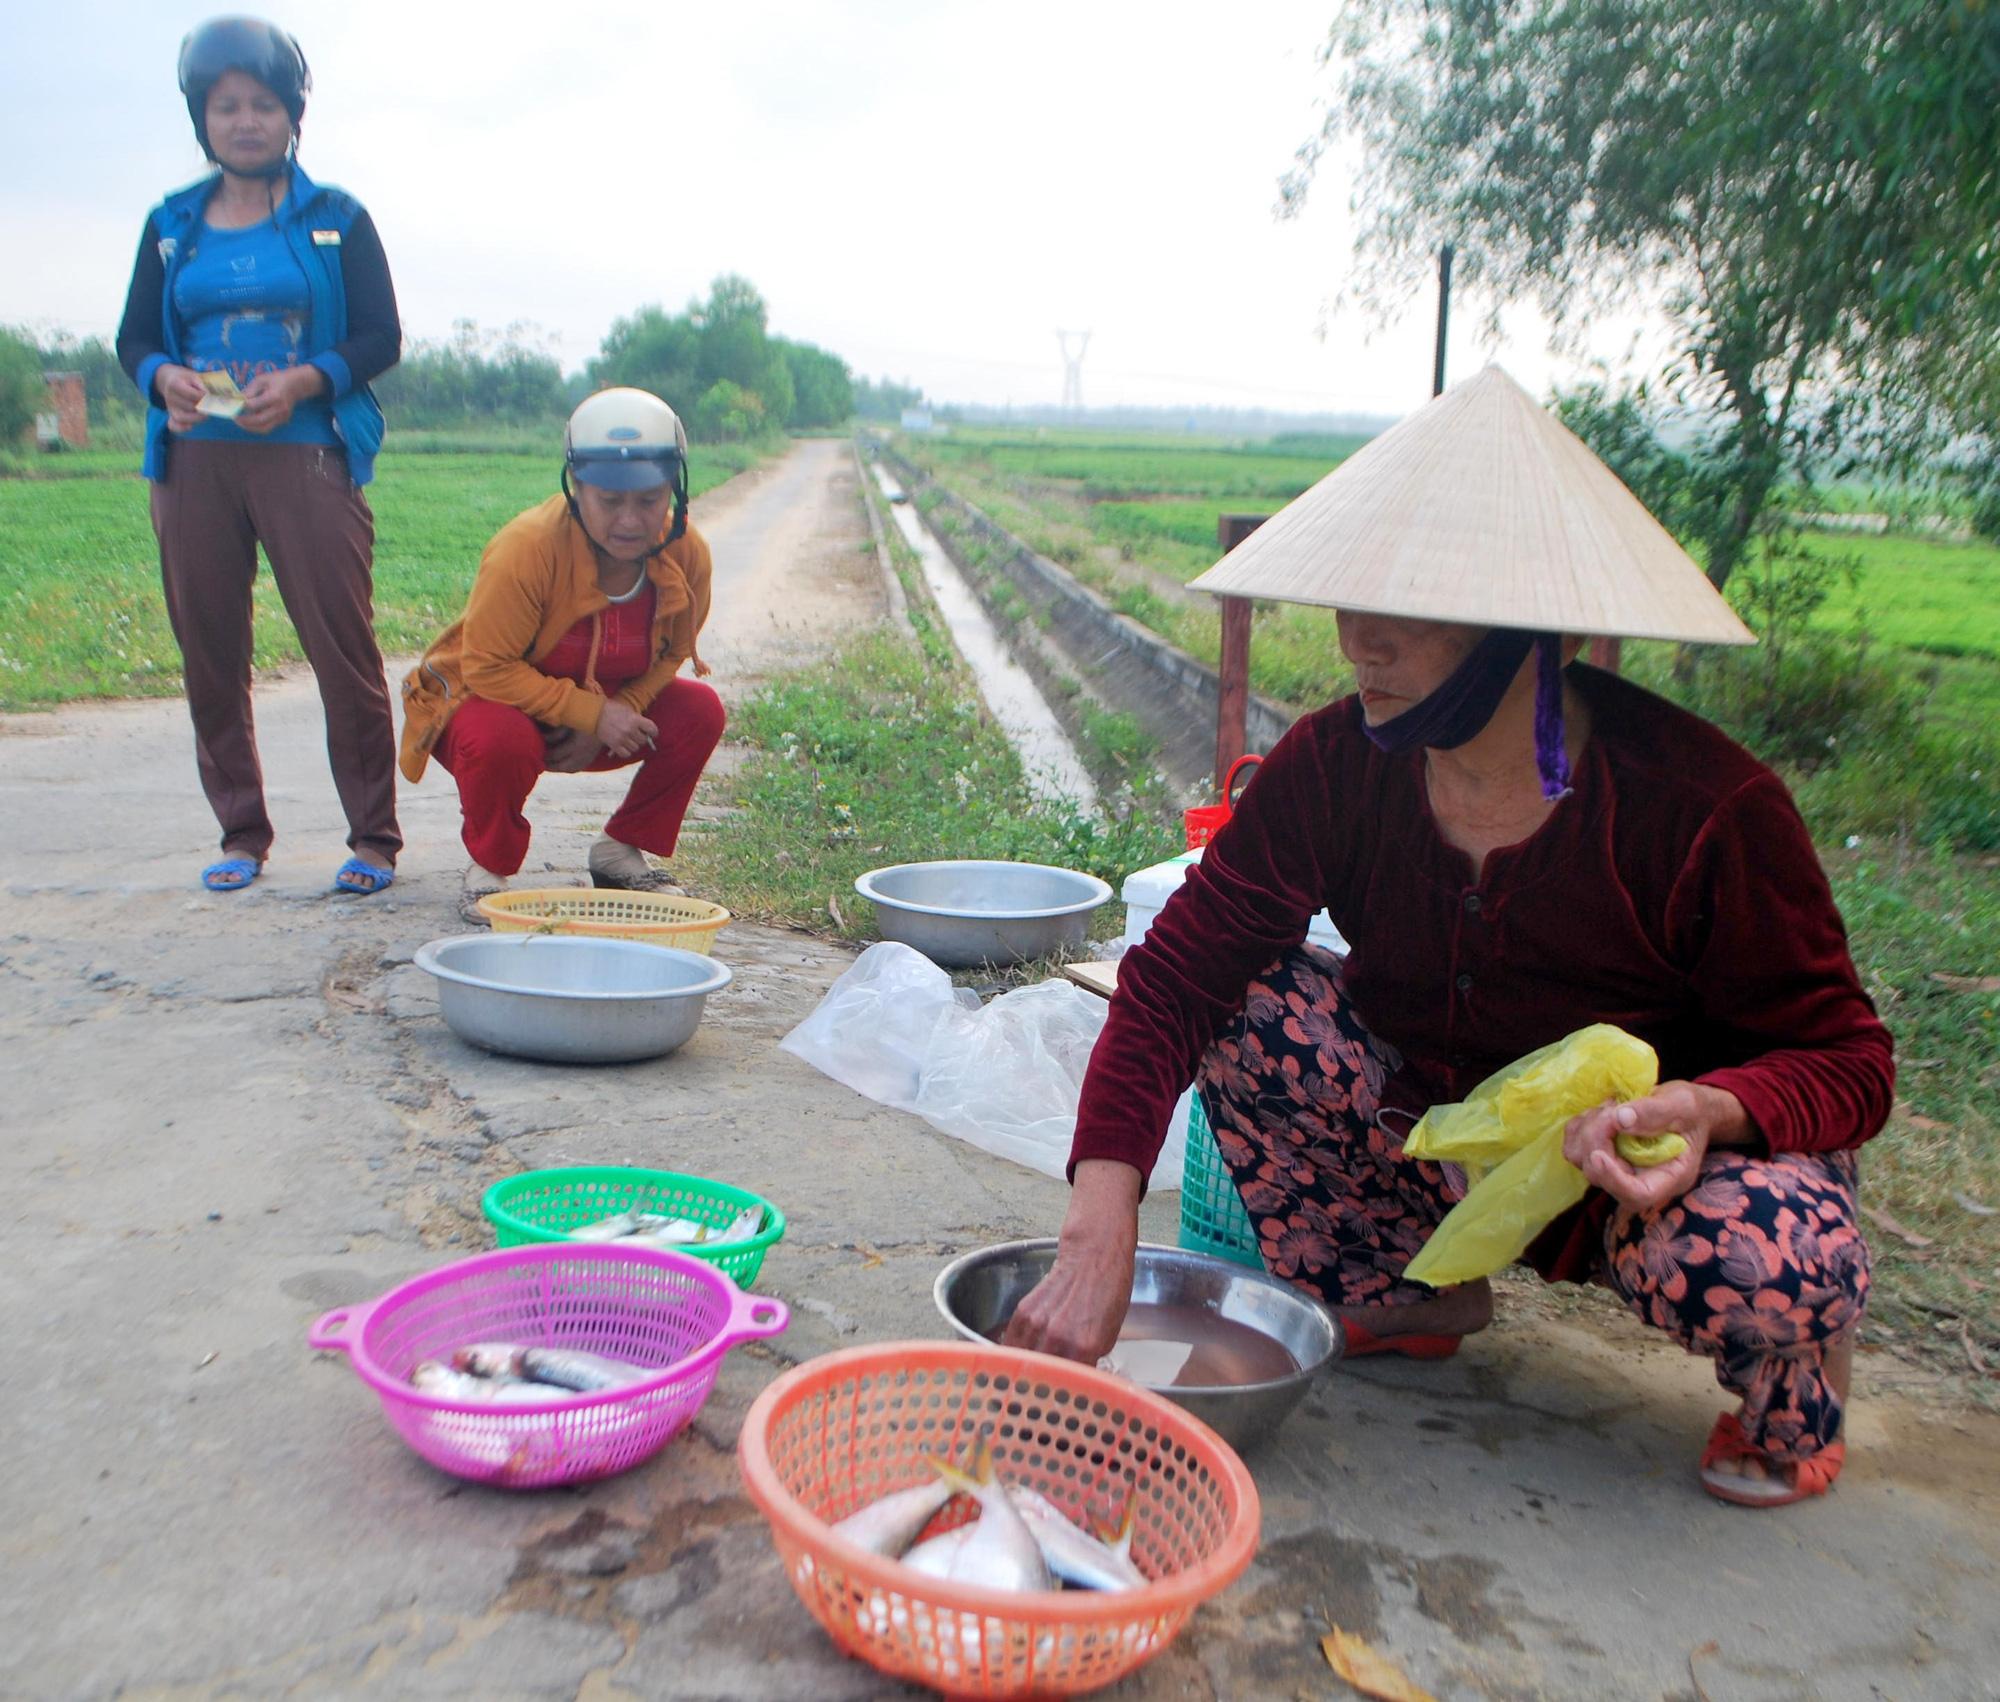 Kể chuyện làng: Tháng Giêng ăn cá mòi sông Yên - Ảnh 1.